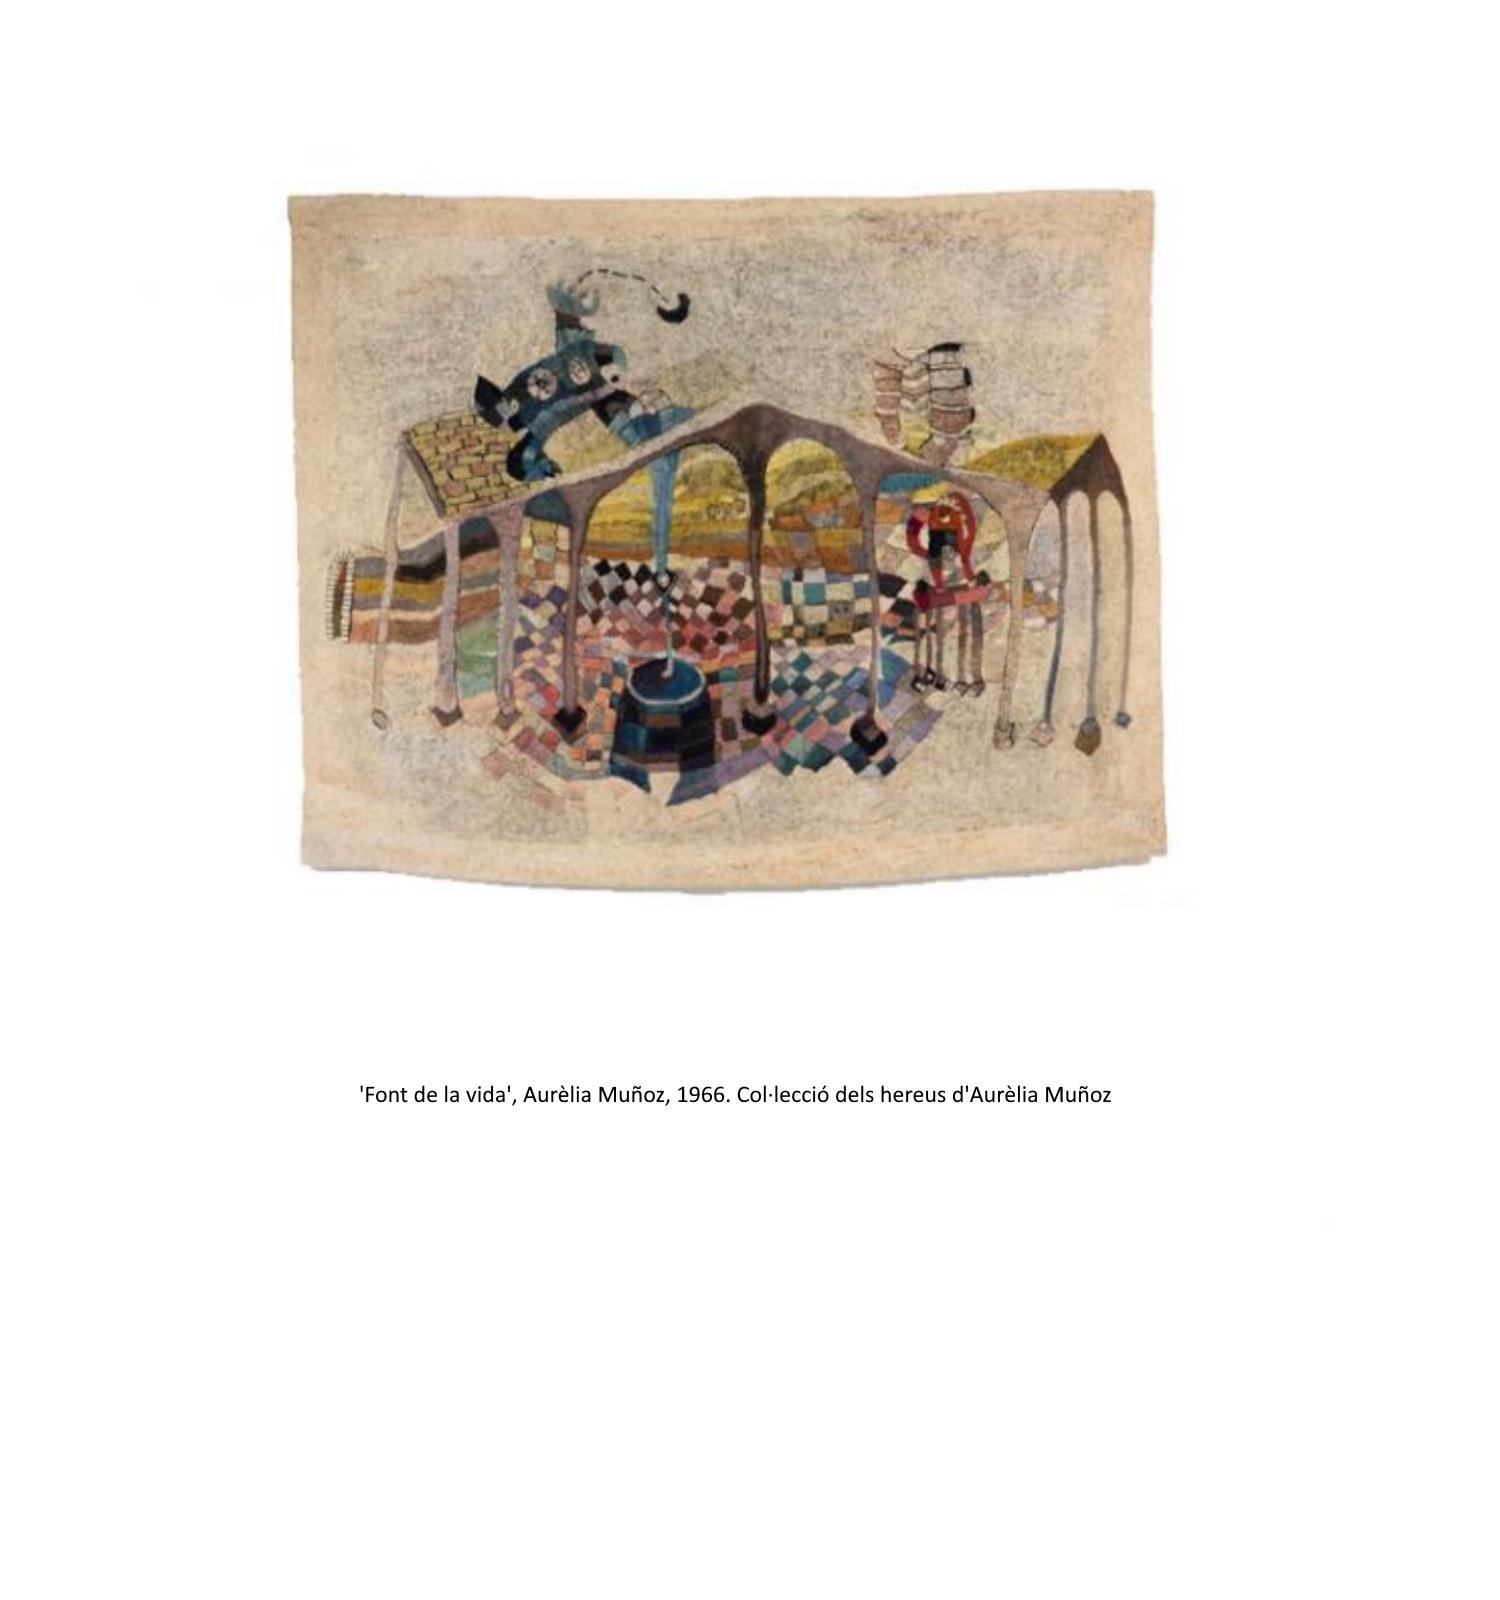 Font de la vida, Aurèlia Muñoz, 1966. Col·lecció dels hereus d'Aurèlia Muñoz